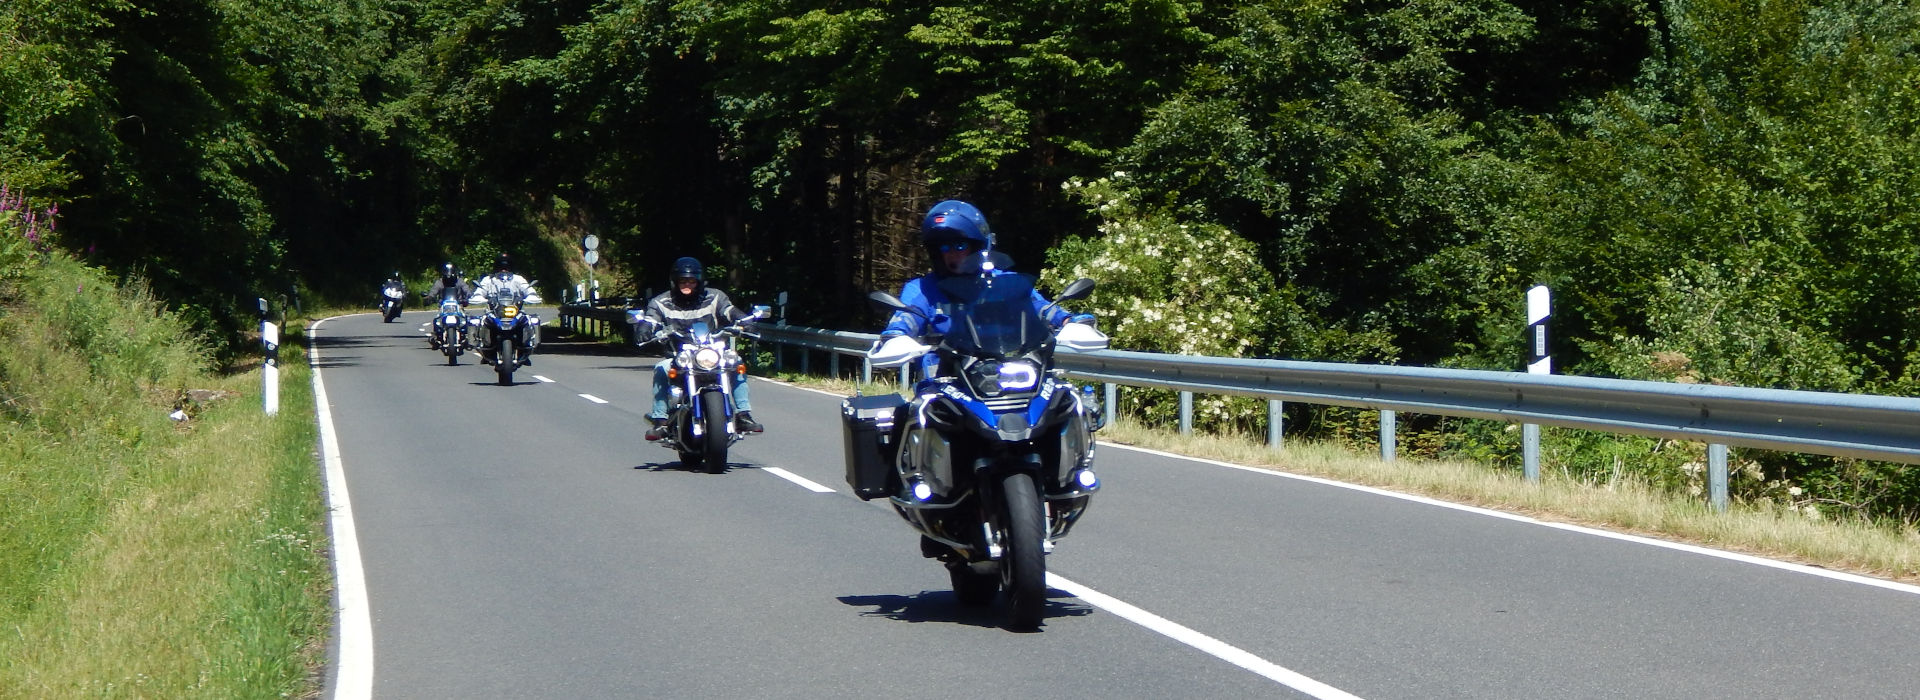 Motorrijbewijspoint Raamsdonksveer snel motorrijbewijs halen